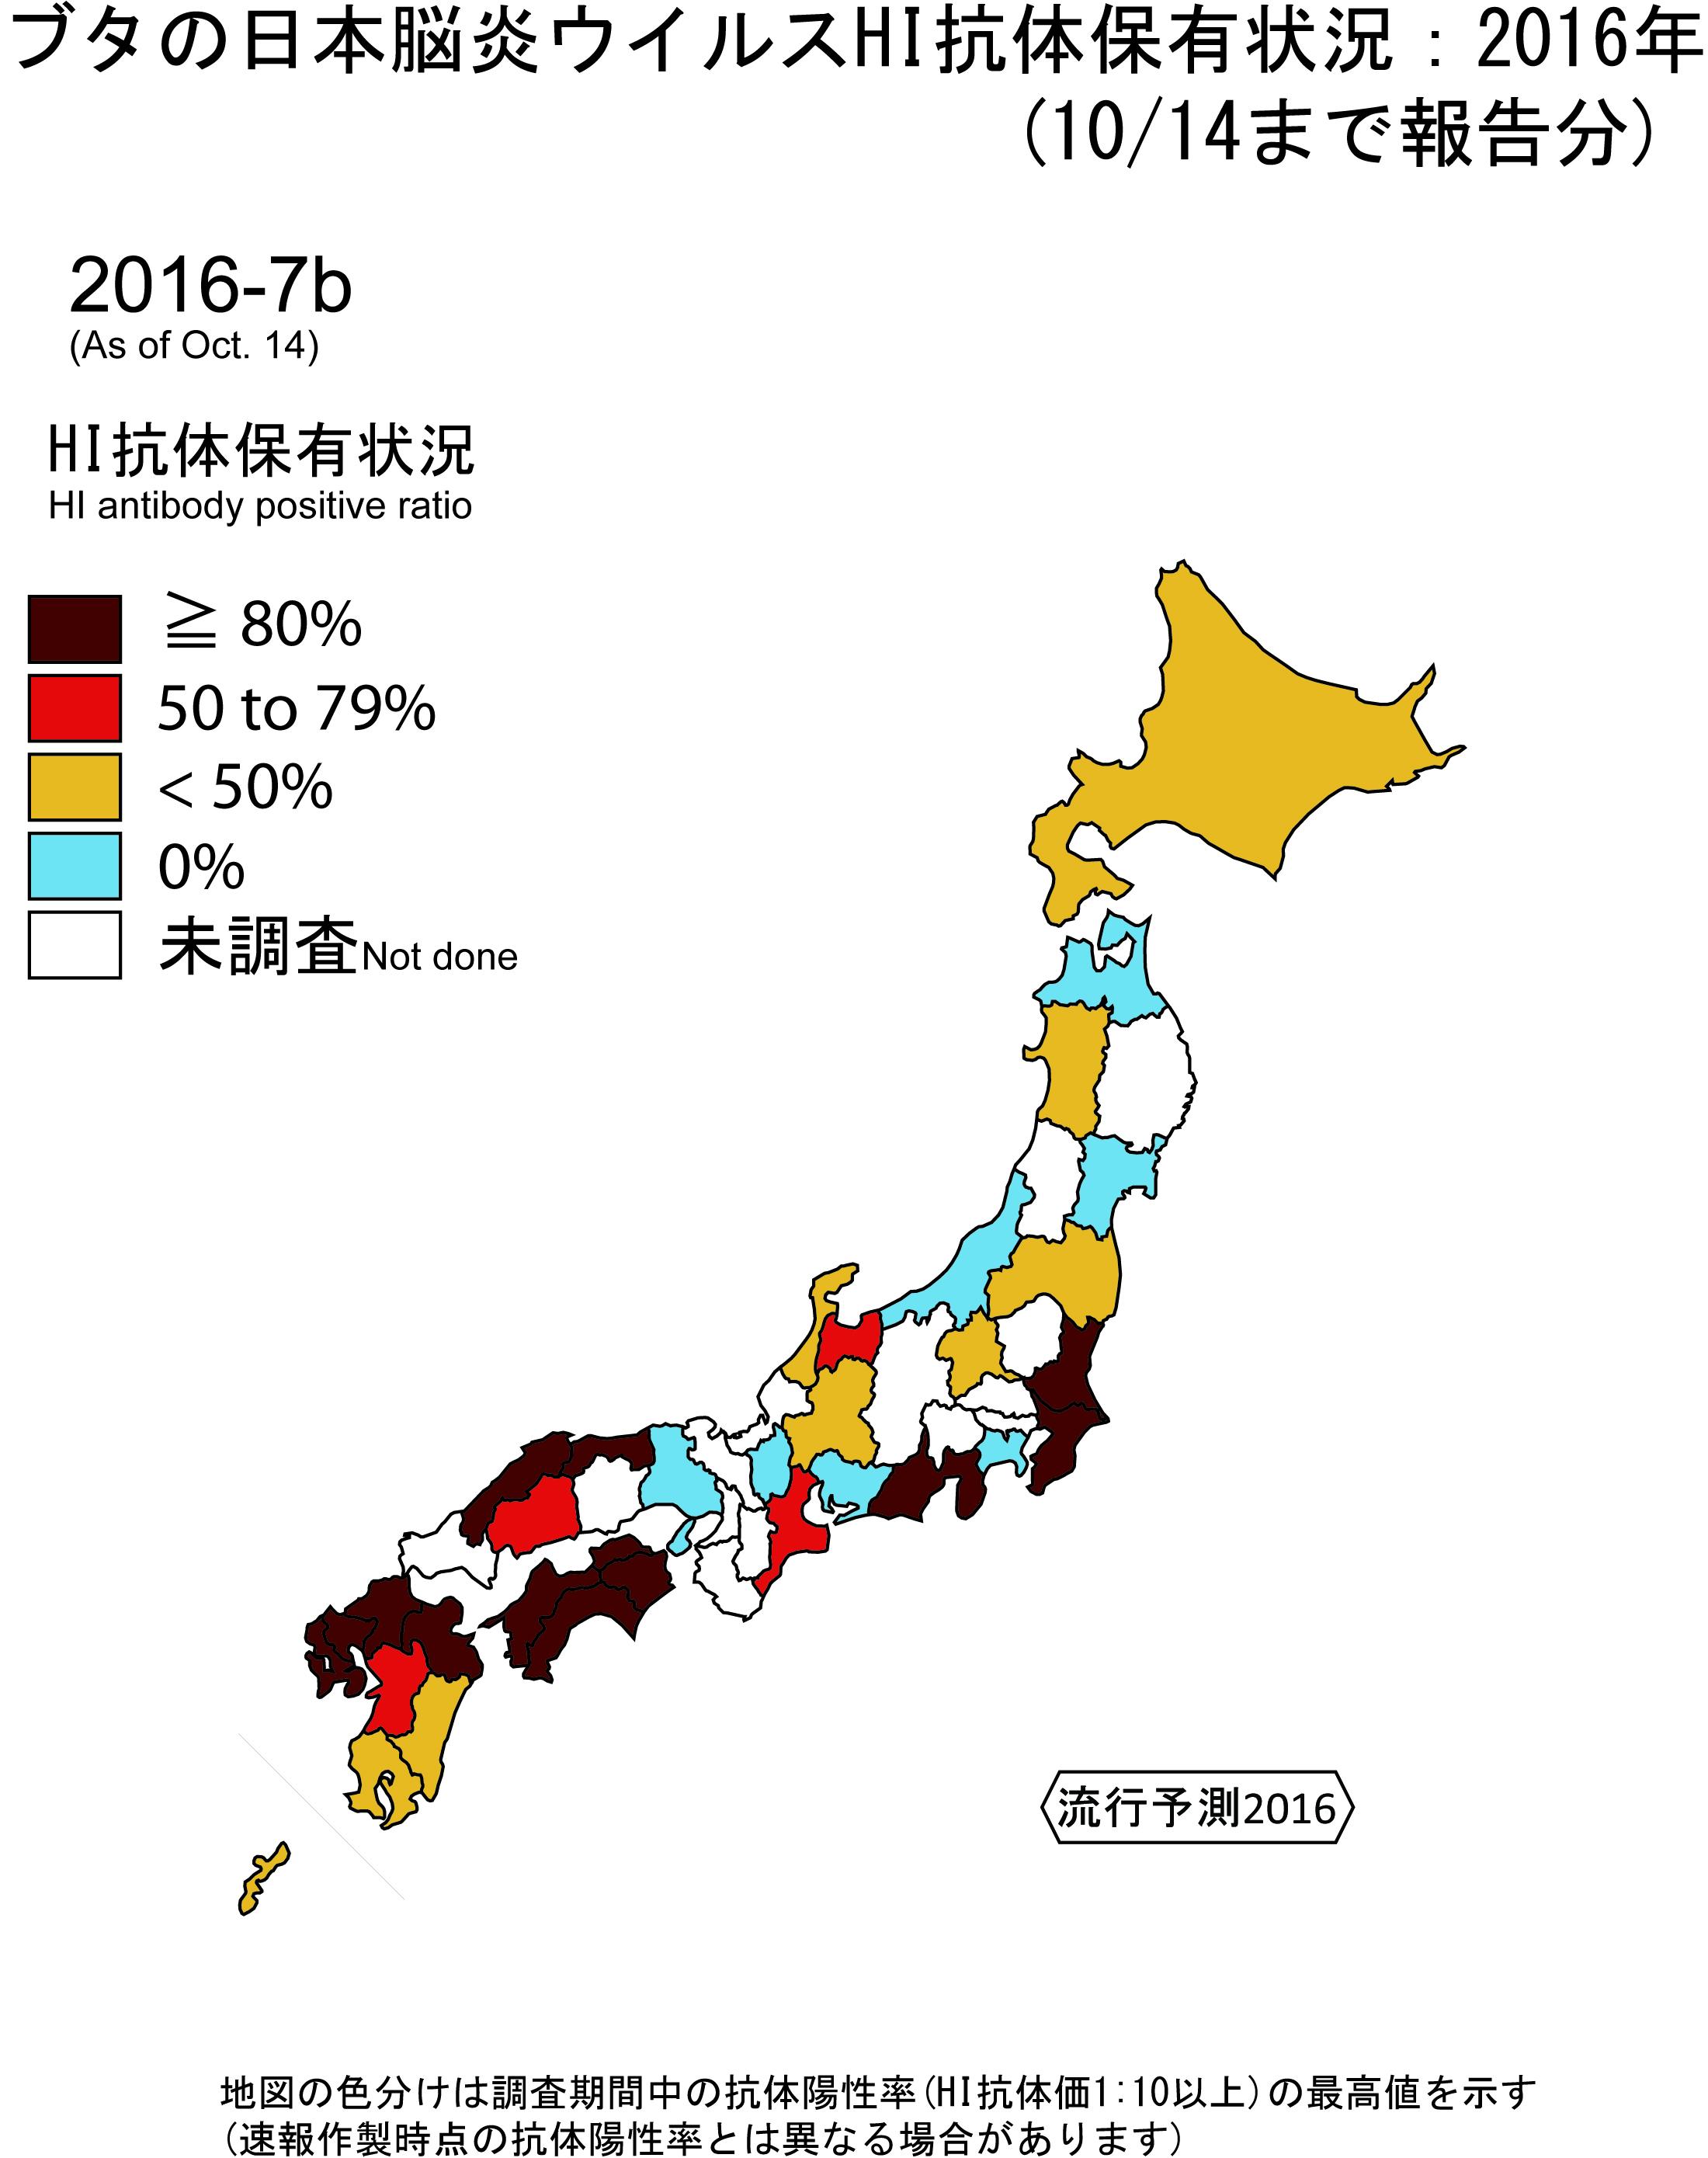 感染 ウイルス 日本 マップ コロナ